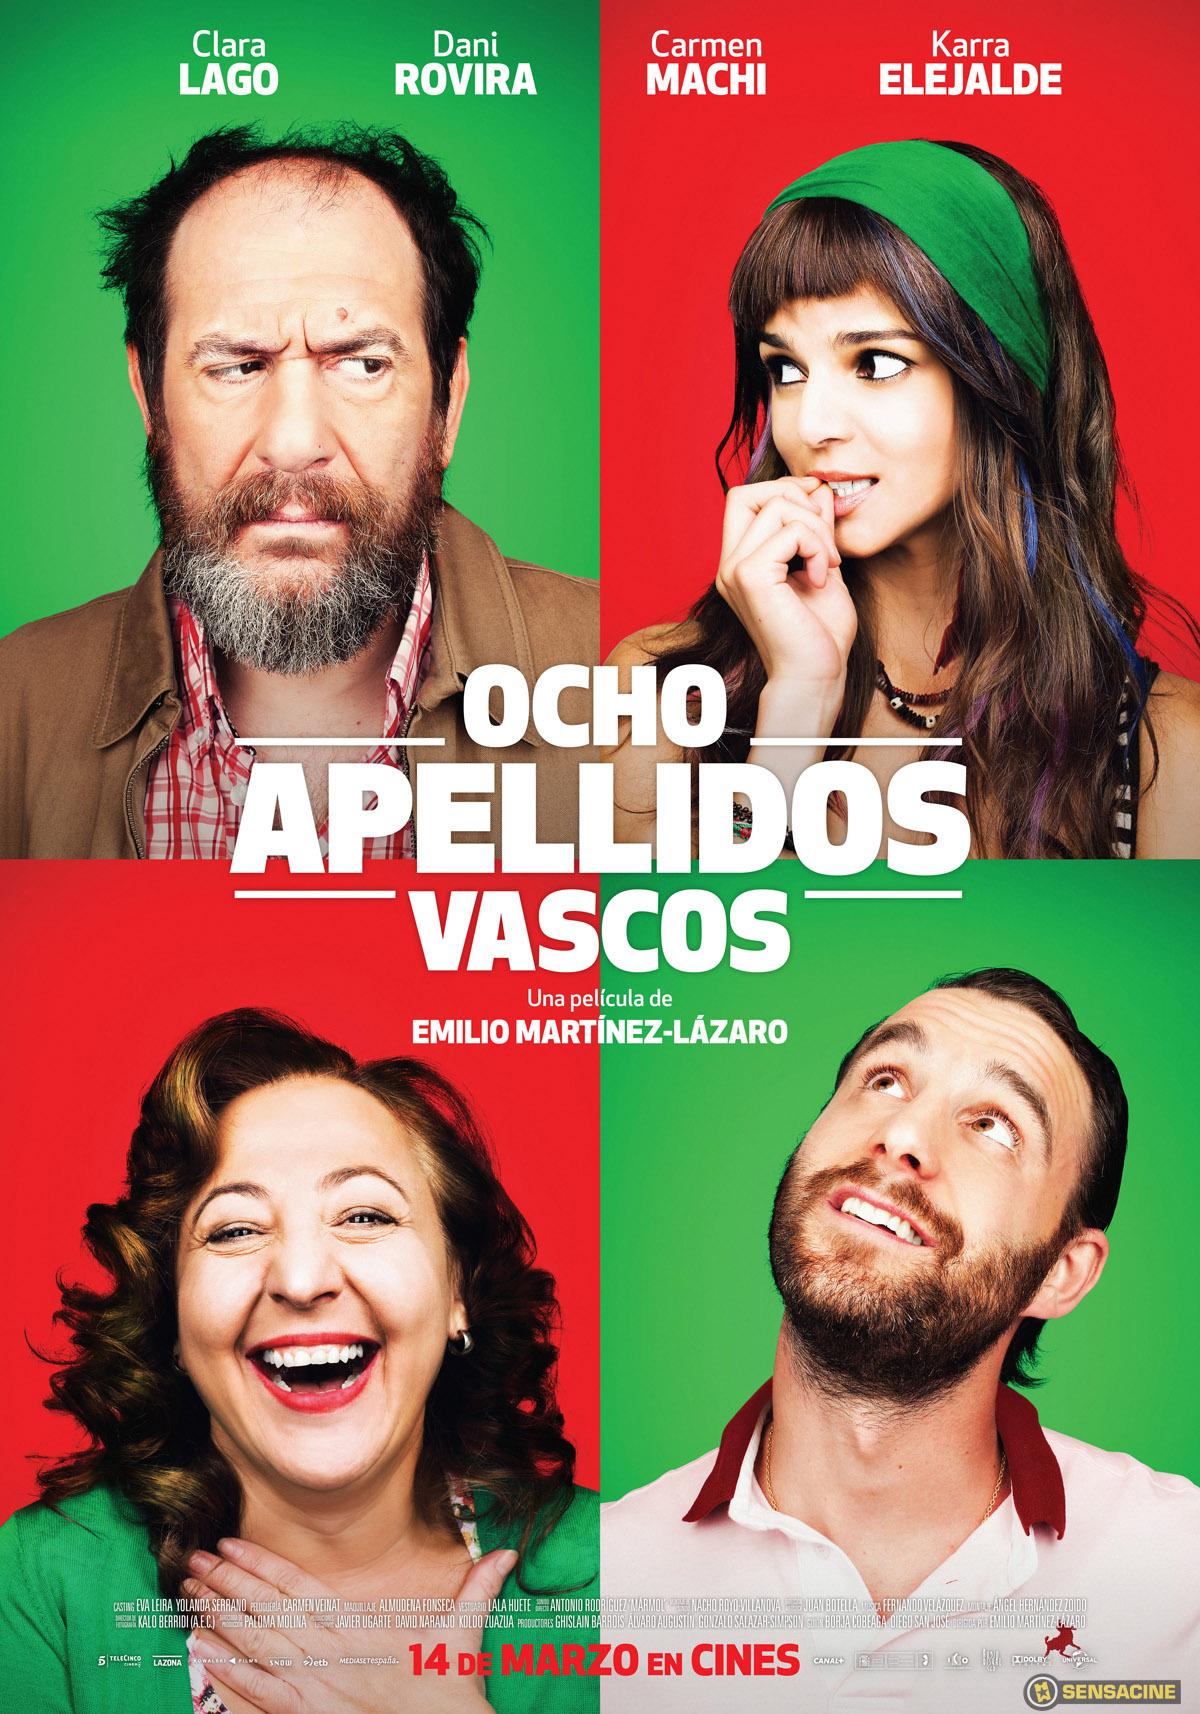 8 Apellidos Vascos Porno ocho apellidos vascos - película 2014 - sensacine